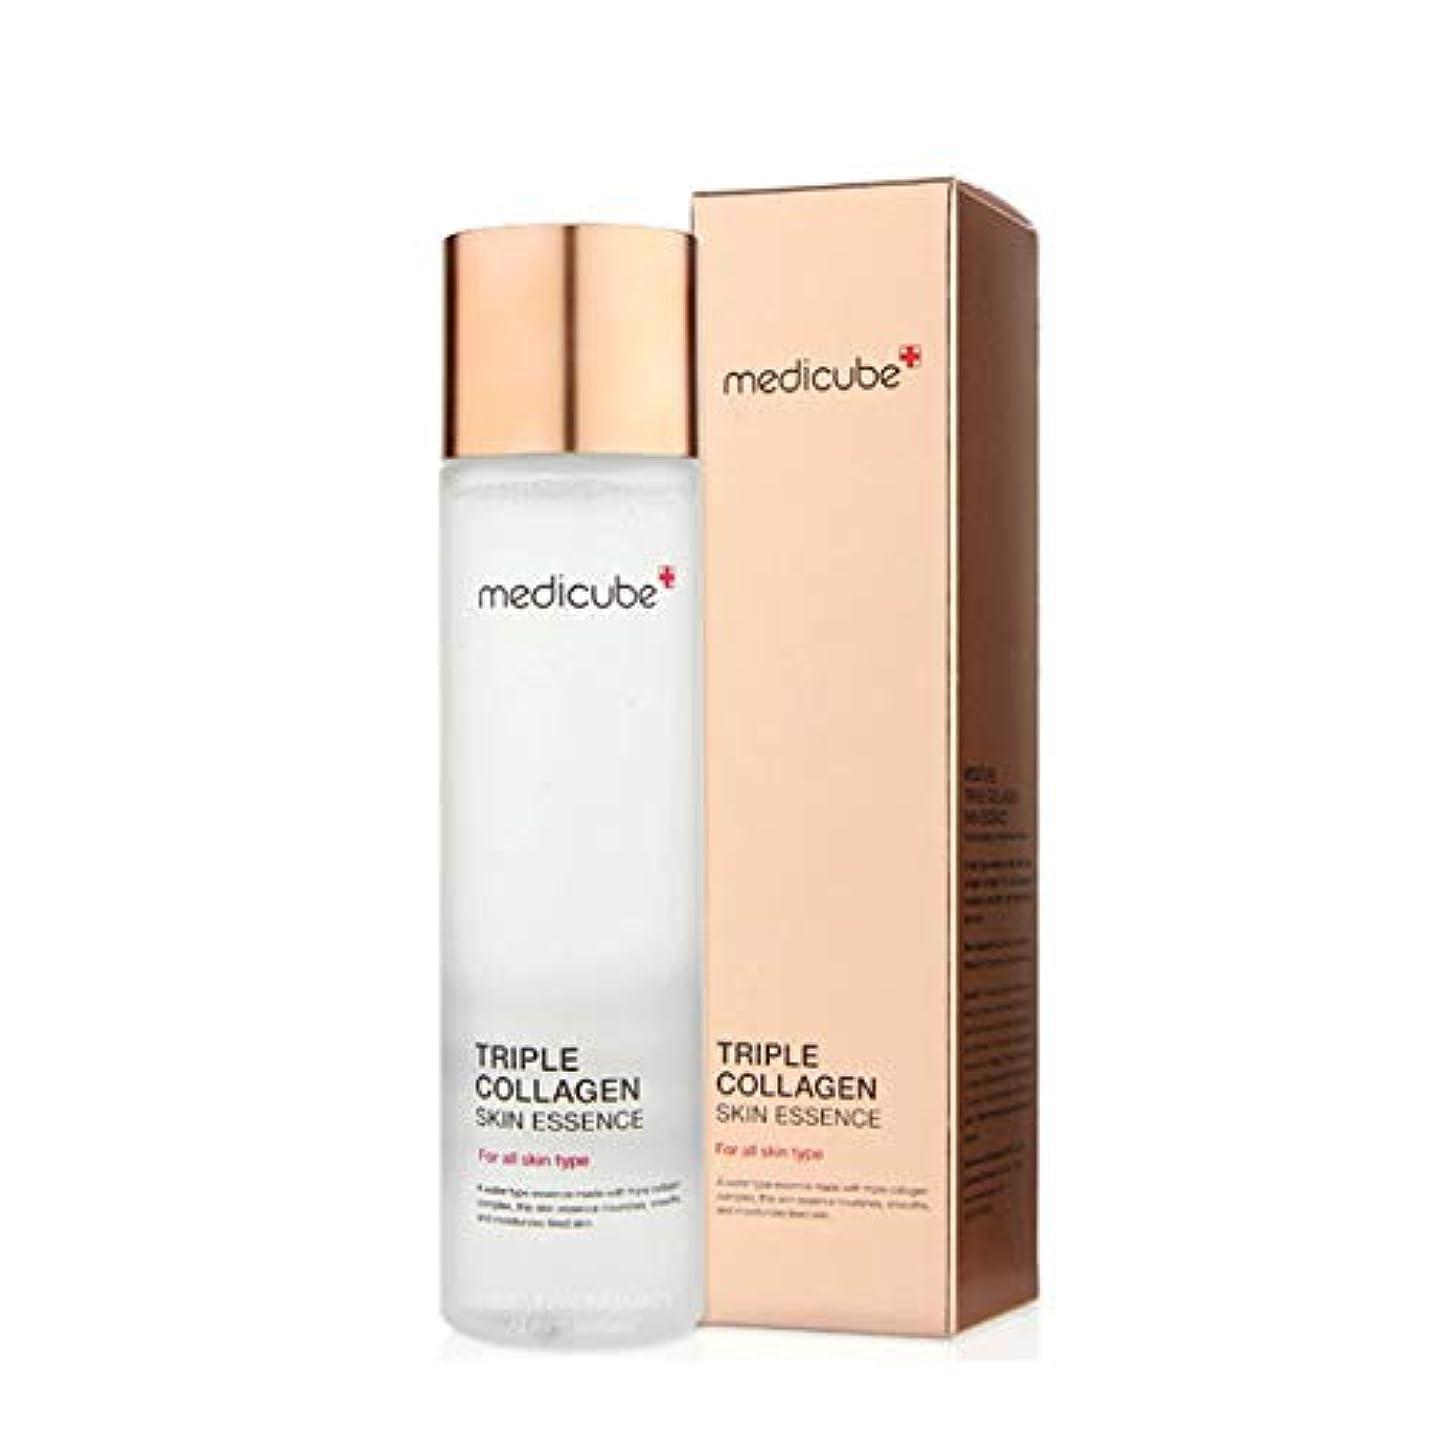 支配する十億リーチメディキューブトリプルコラーゲンスキンエッセンス140ml 韓国コスメ、Medicube Triple Collagen Skin Essence 140ml Korean Cosmetics [並行輸入品]